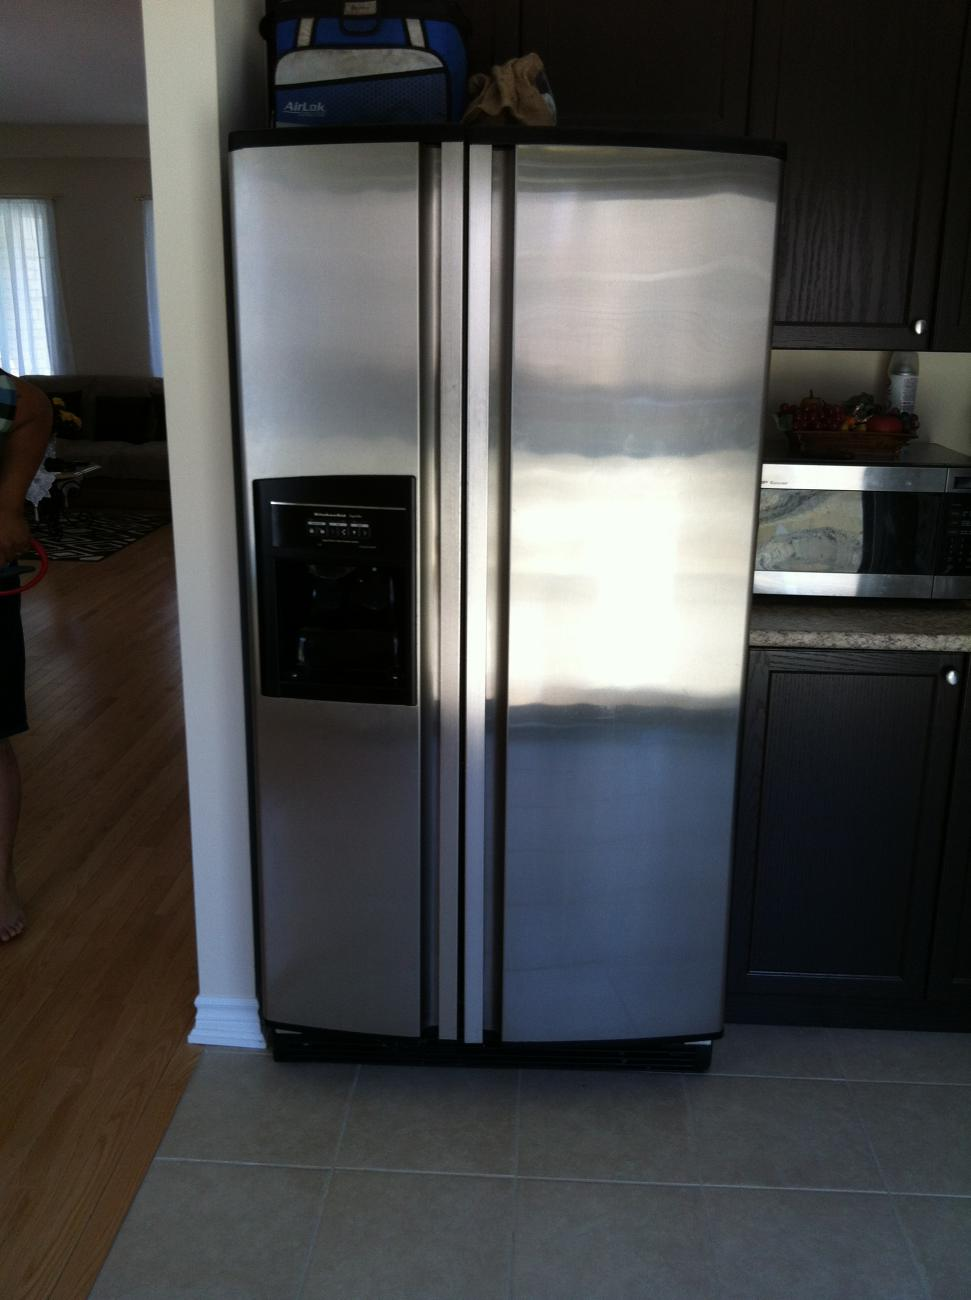 Kitchenaid Refrigerator Superba Kitchenaid Superba Sidebyside Fridge Not Cooling But Freezer Is